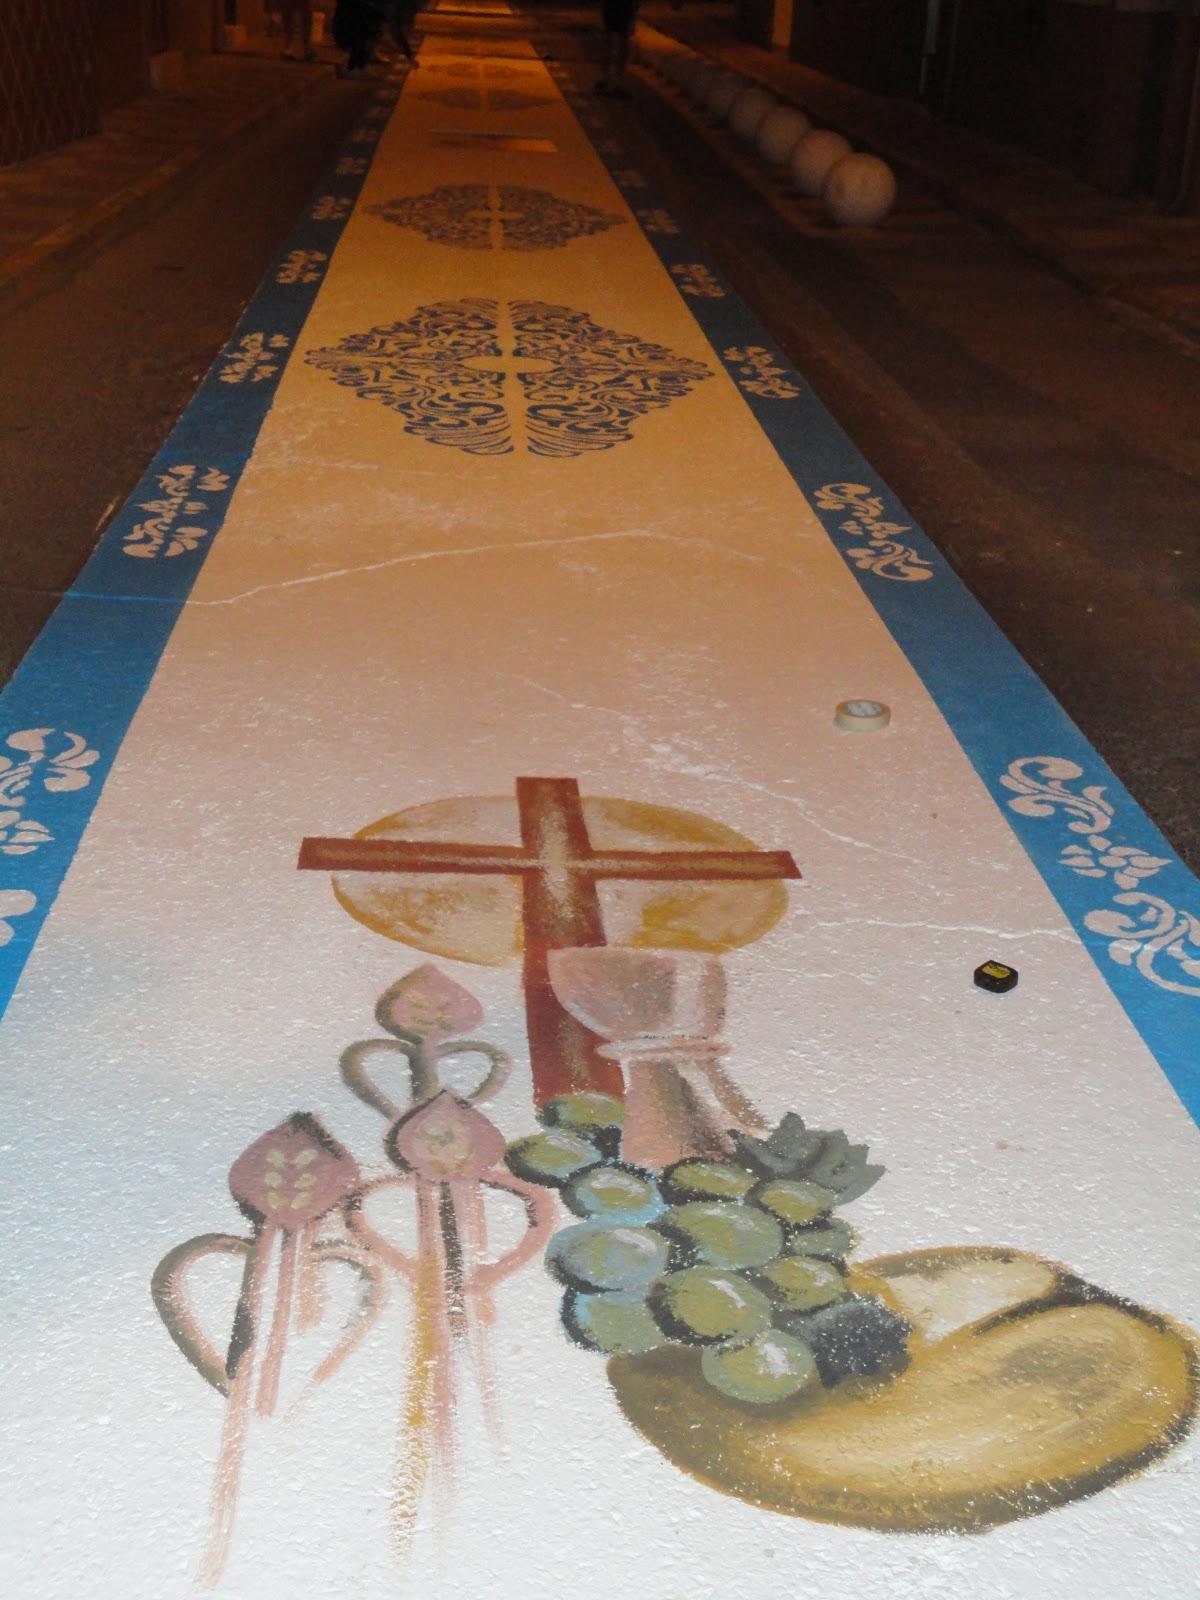 Grupo joven real hermandad soledad y vera cruz junio 2012 - Dibujos para alfombras ...